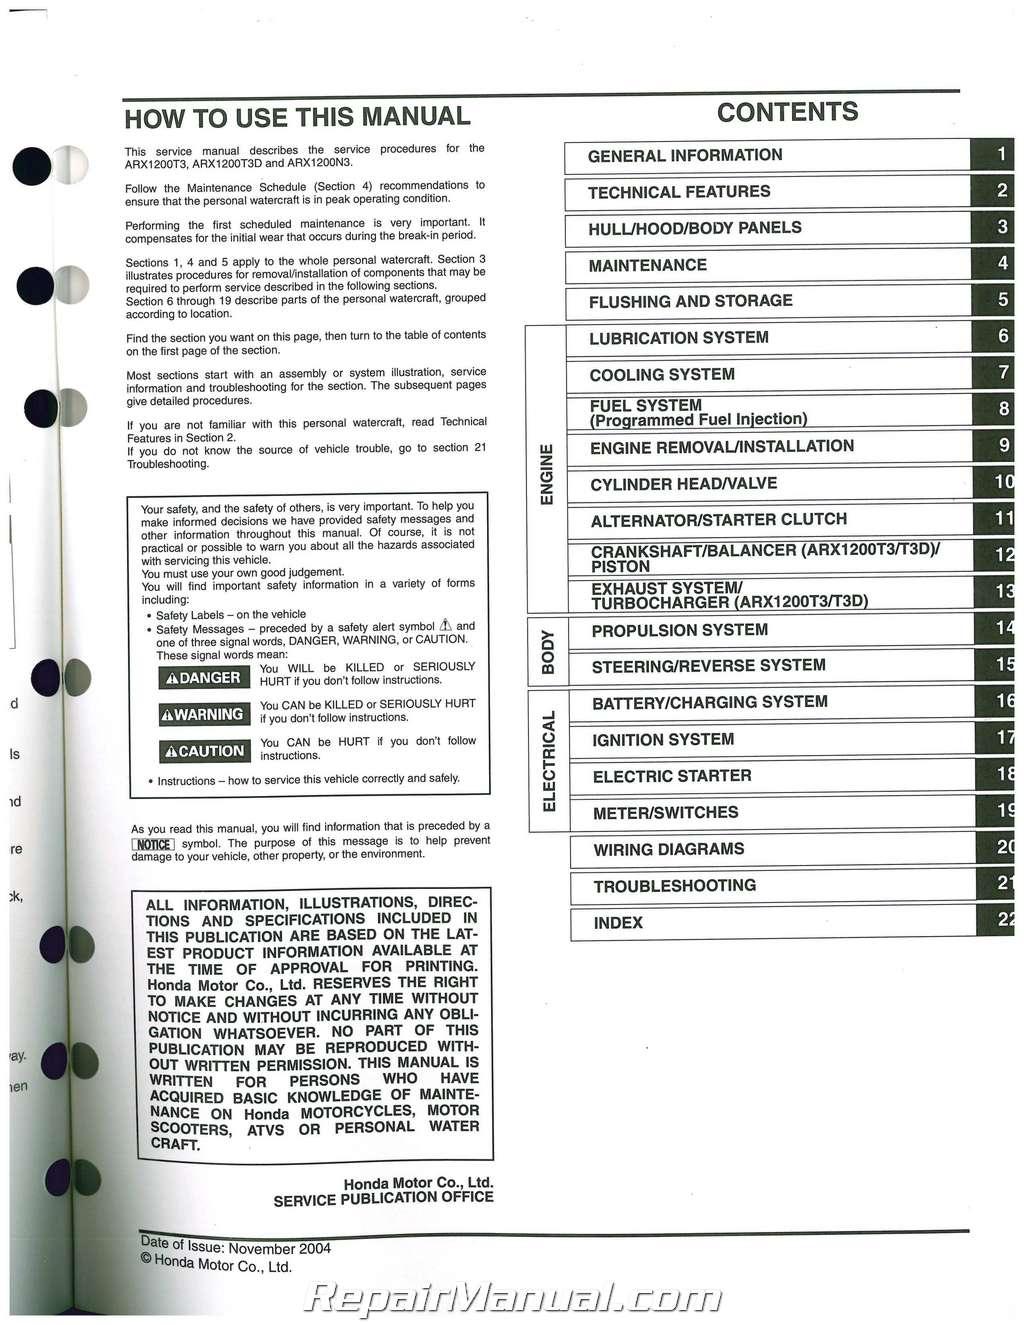 2004 2007 honda arx1200 aquatrax n3 t3 t3d owners service manual rh repairmanual com 2012 Honda Aquatrax 2003 Aquatrax